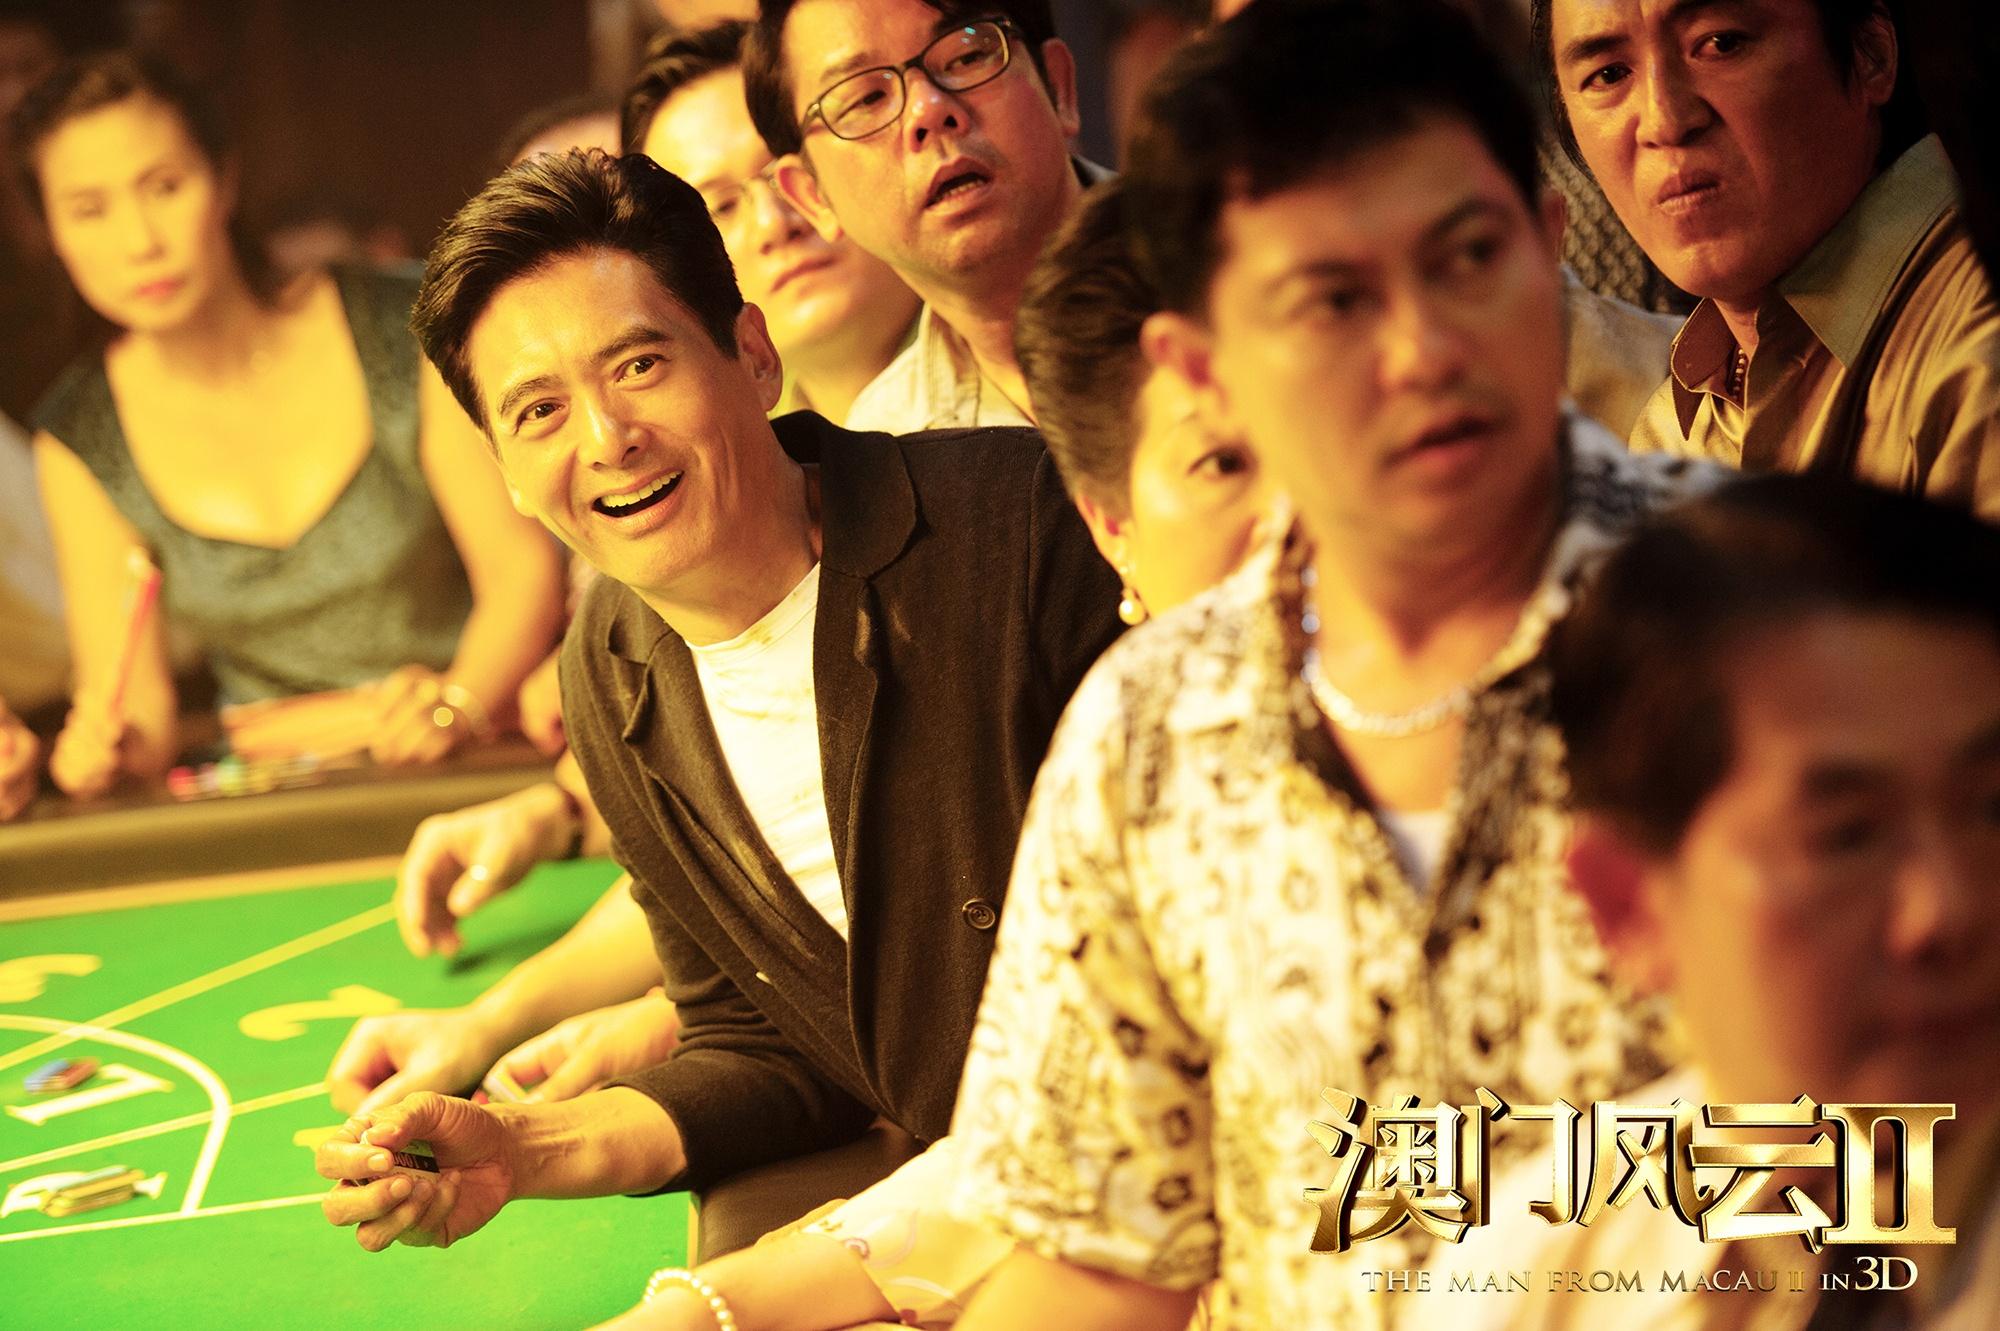 澳门风云2_电影剧照_图集_电影网_1905.com